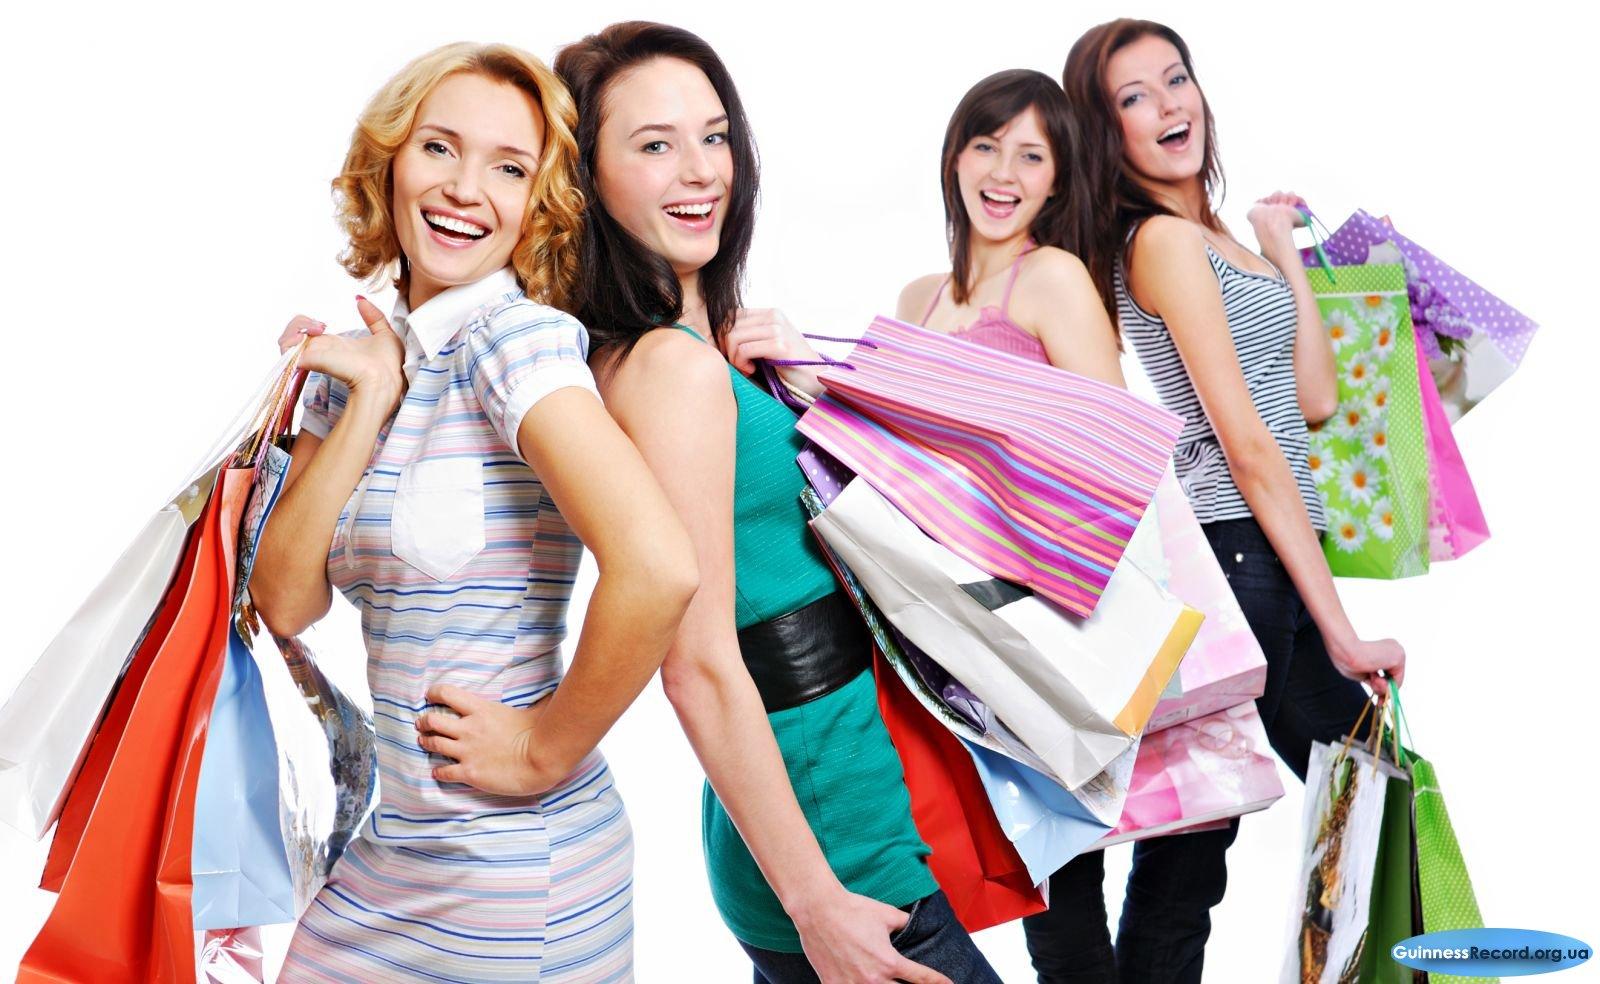 Интернет магазин детской одежды malysh-shop.com.ua и его 6 преимуществ c3e5b7b3f03